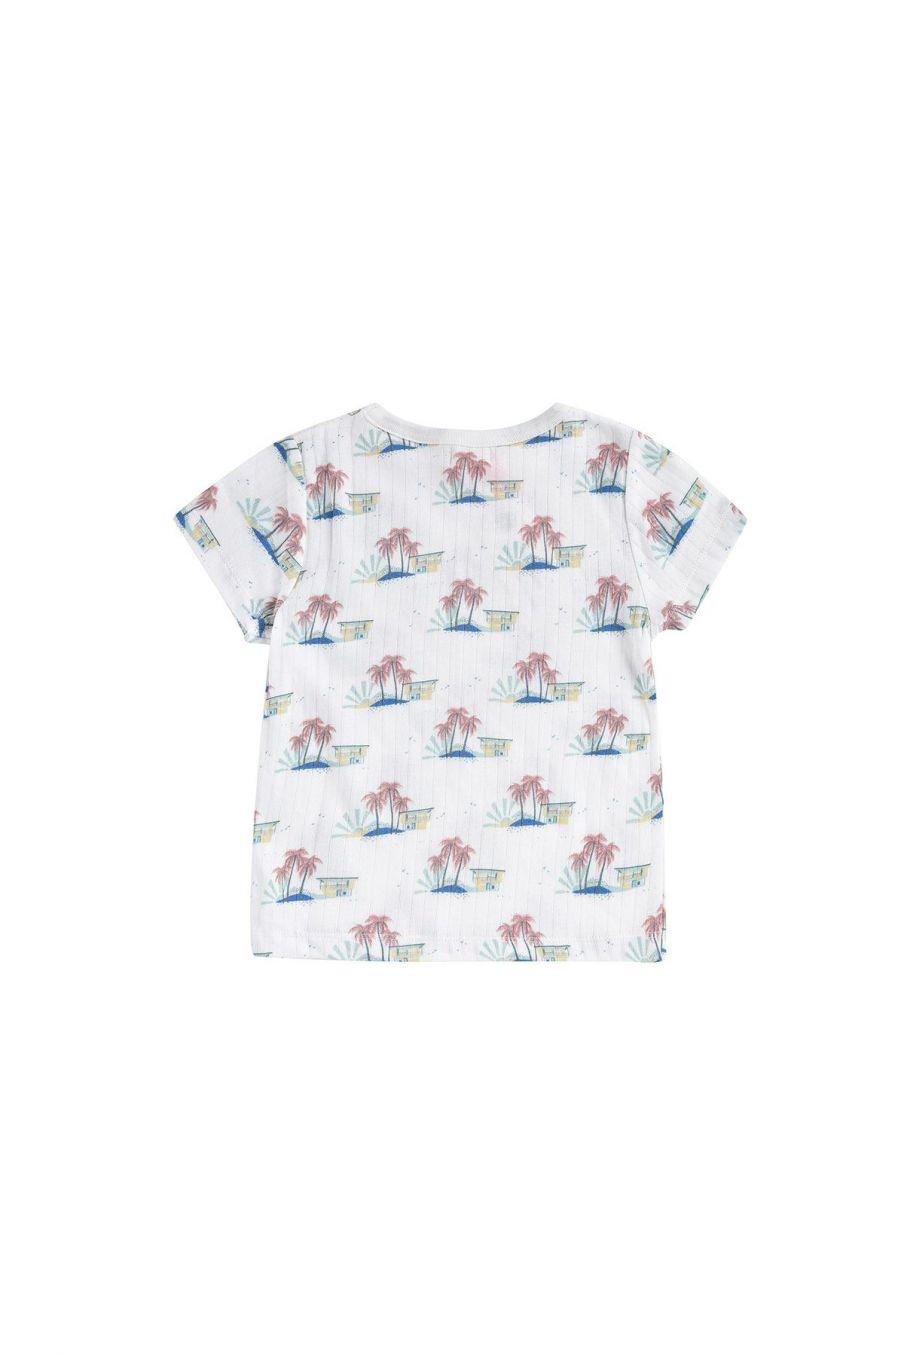 boheme chic vintage t-shirt bébé garcon atayo off-white hawaï